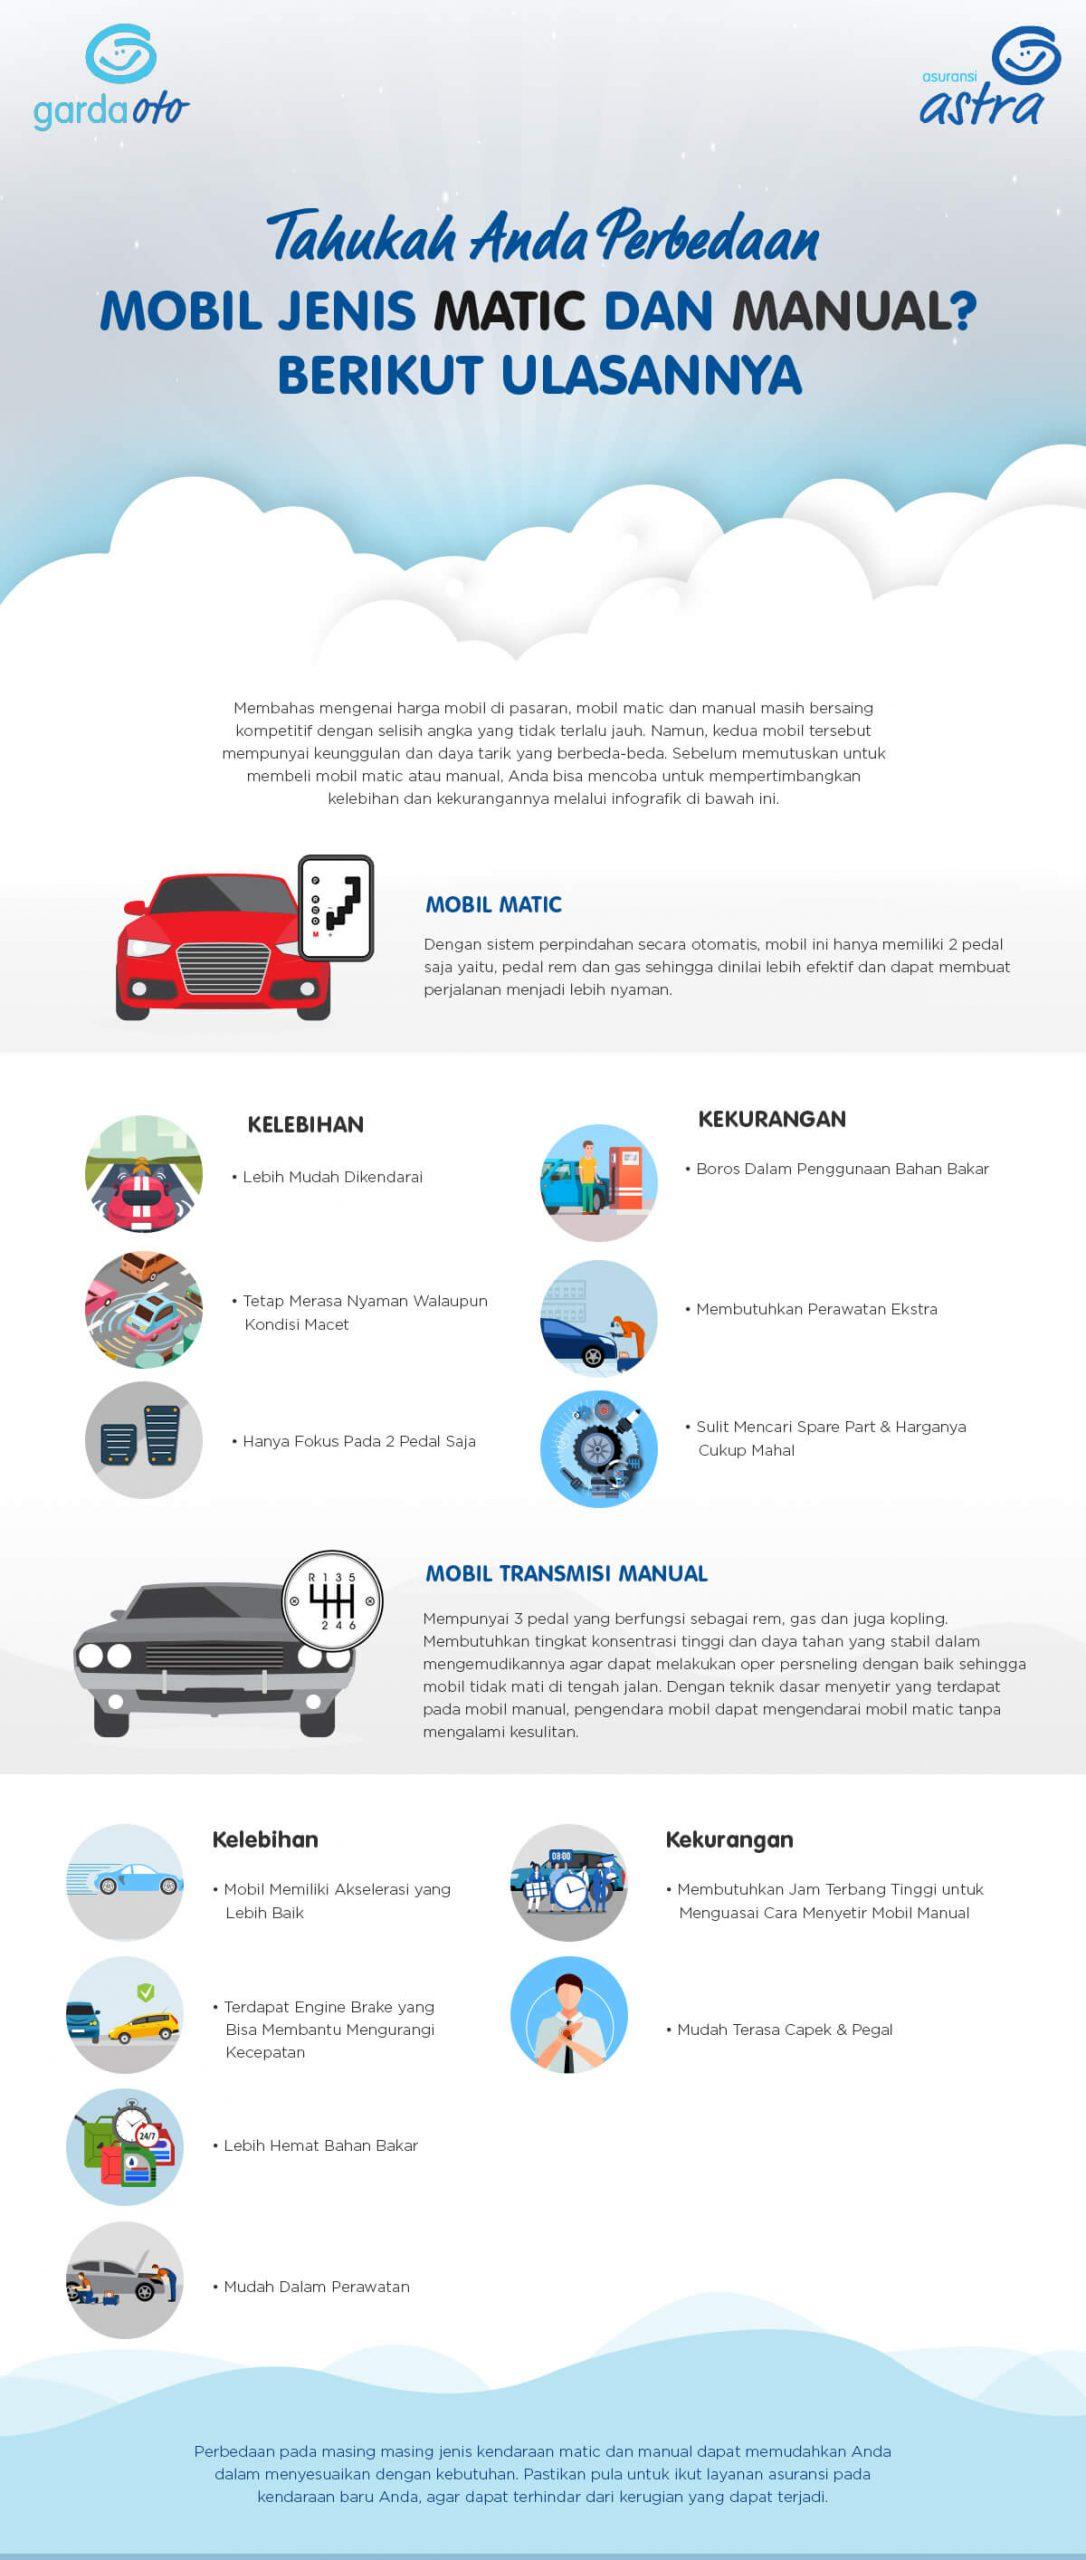 Tahukan Anda Perbedaan Mobil Jenis Matic Dan Manual